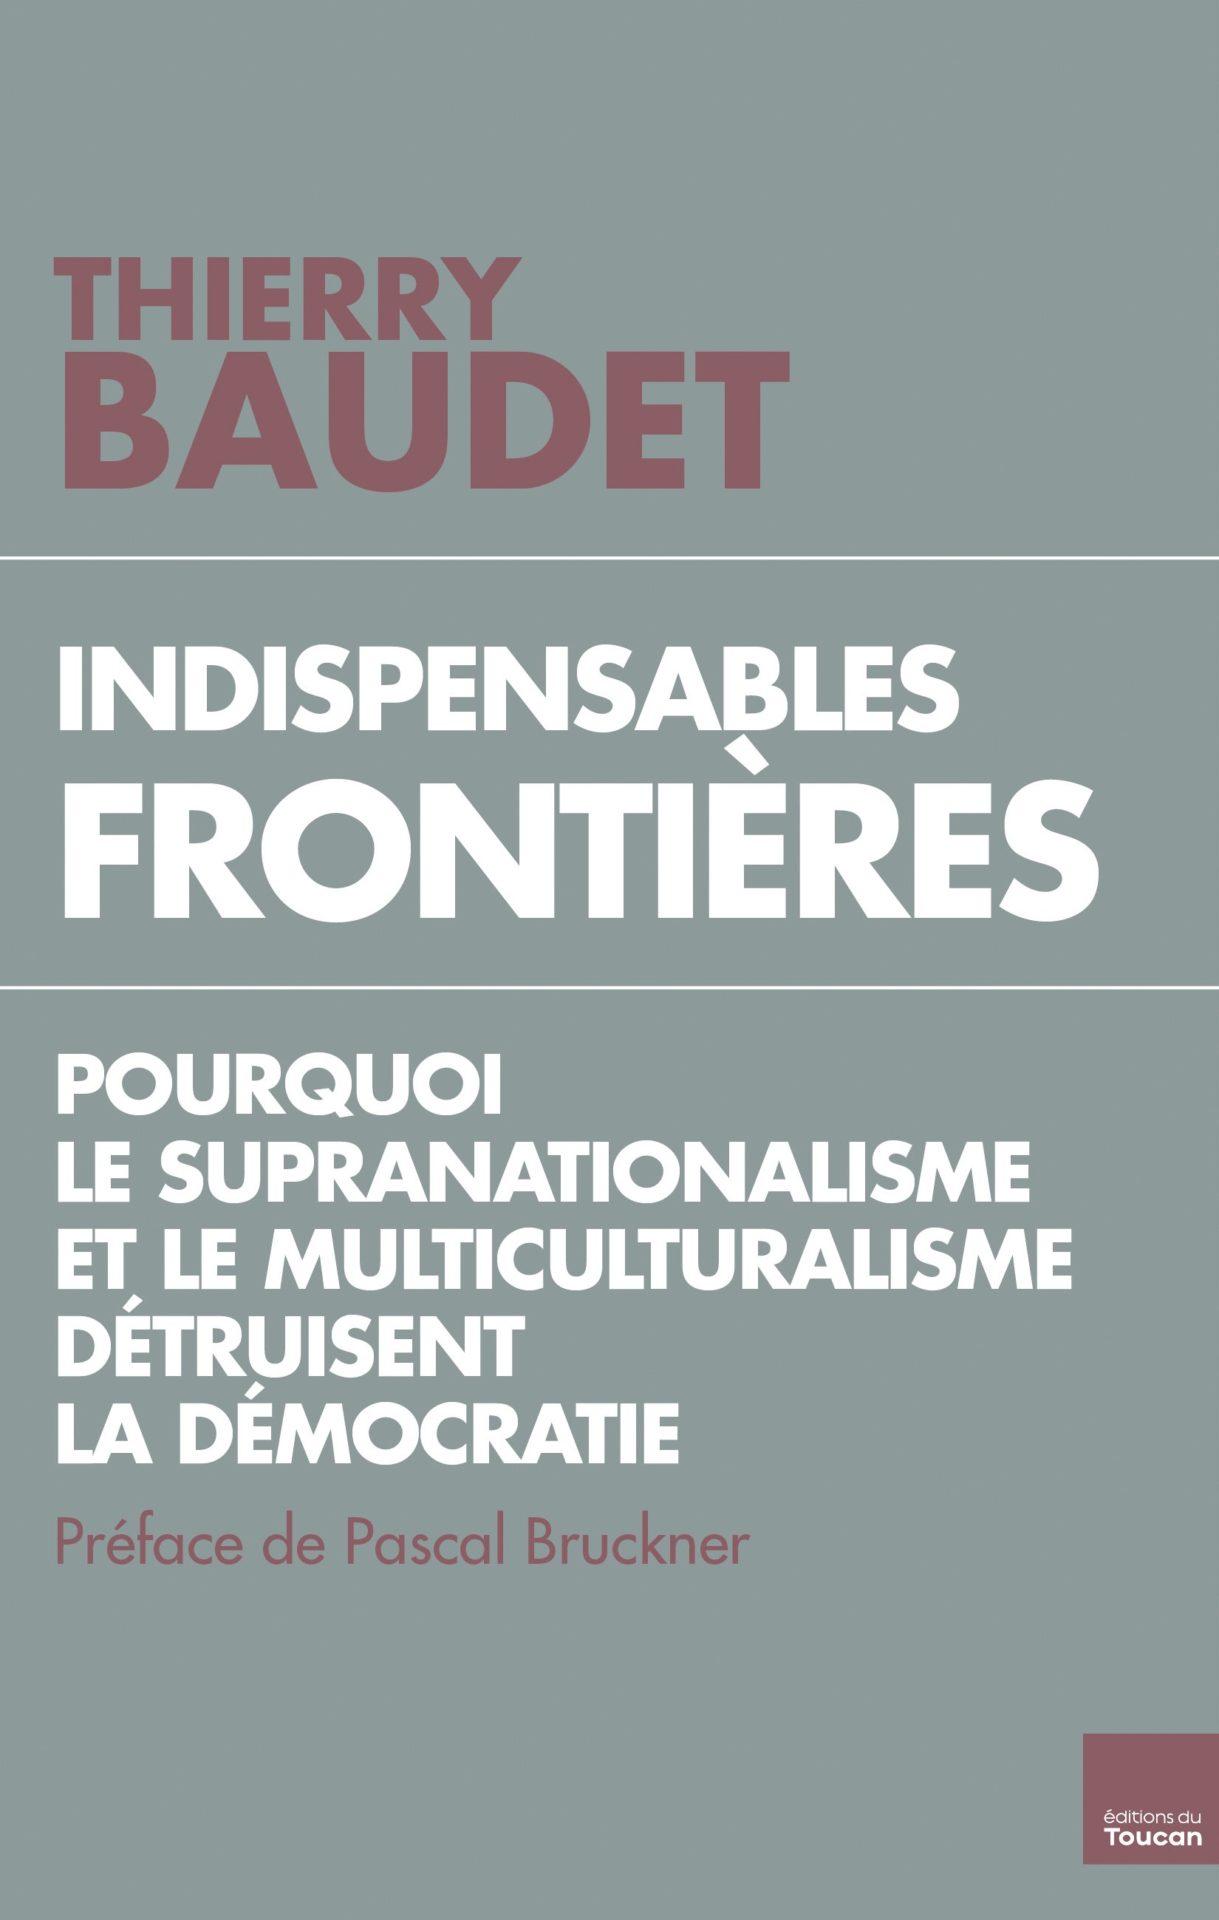 """Livre de Thierry Baudet : """"Indispensables frontières""""."""